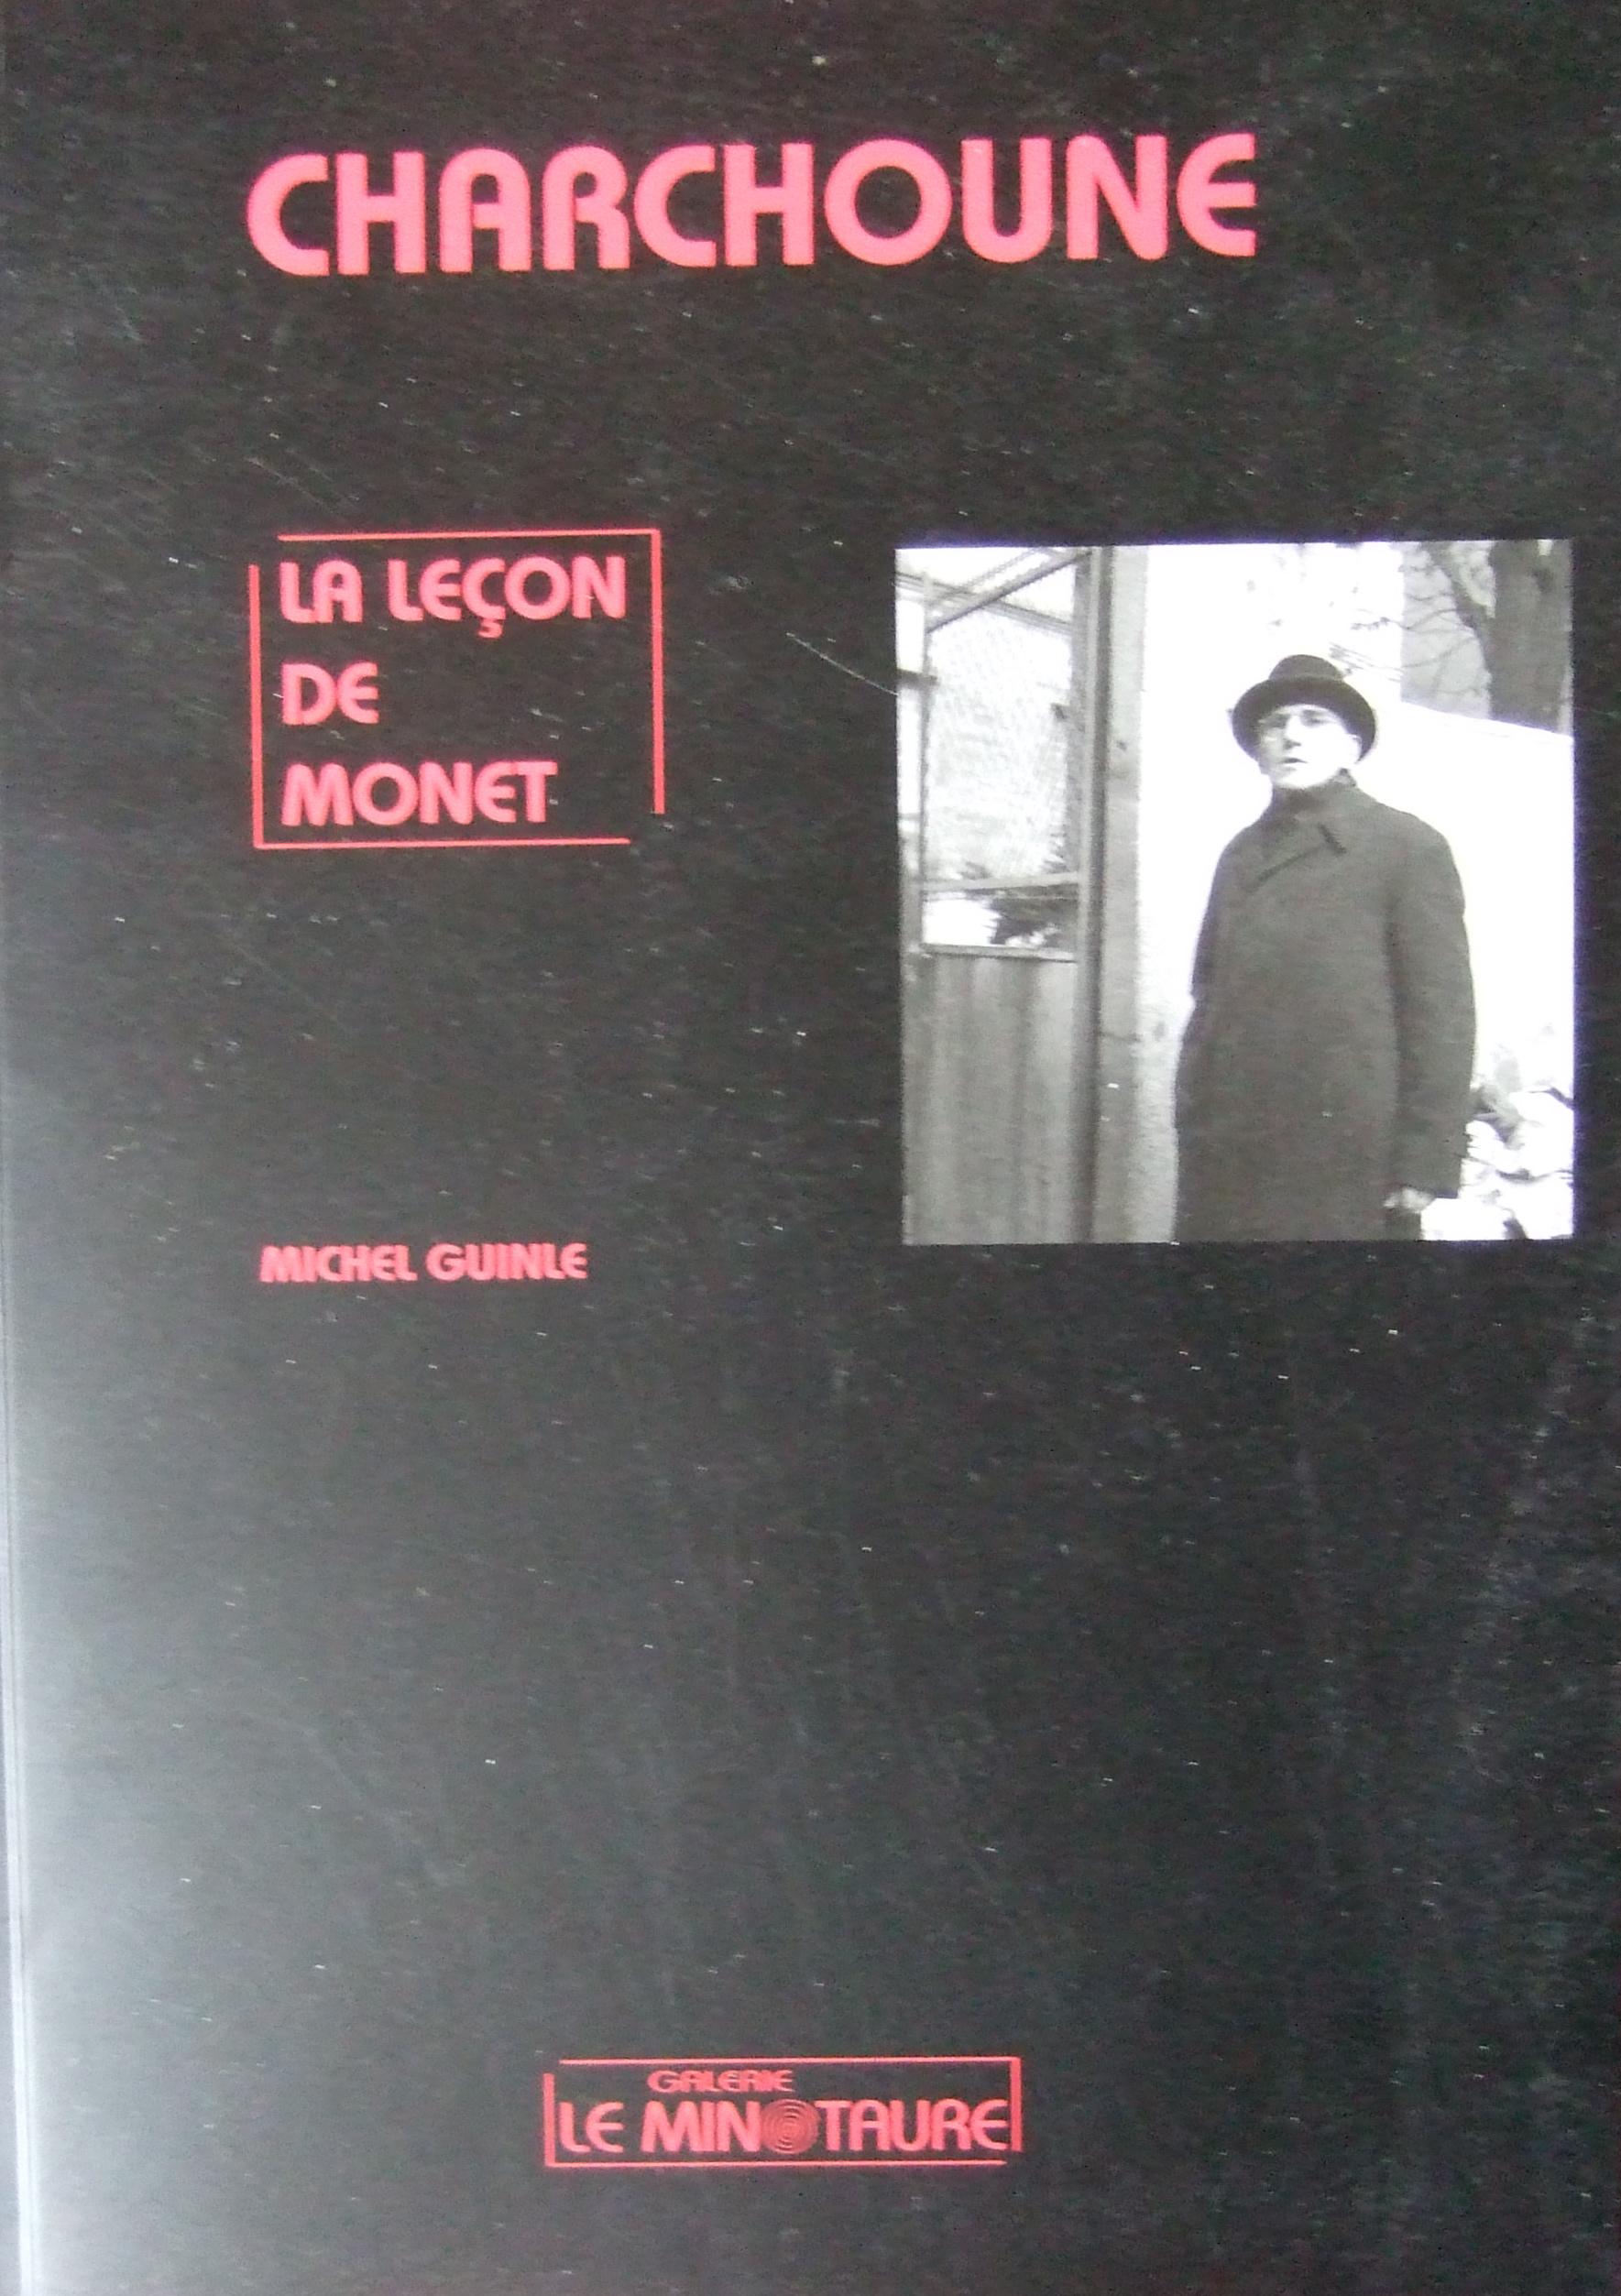 Charchune. La Lecon de Monet. By Michel Guinle.